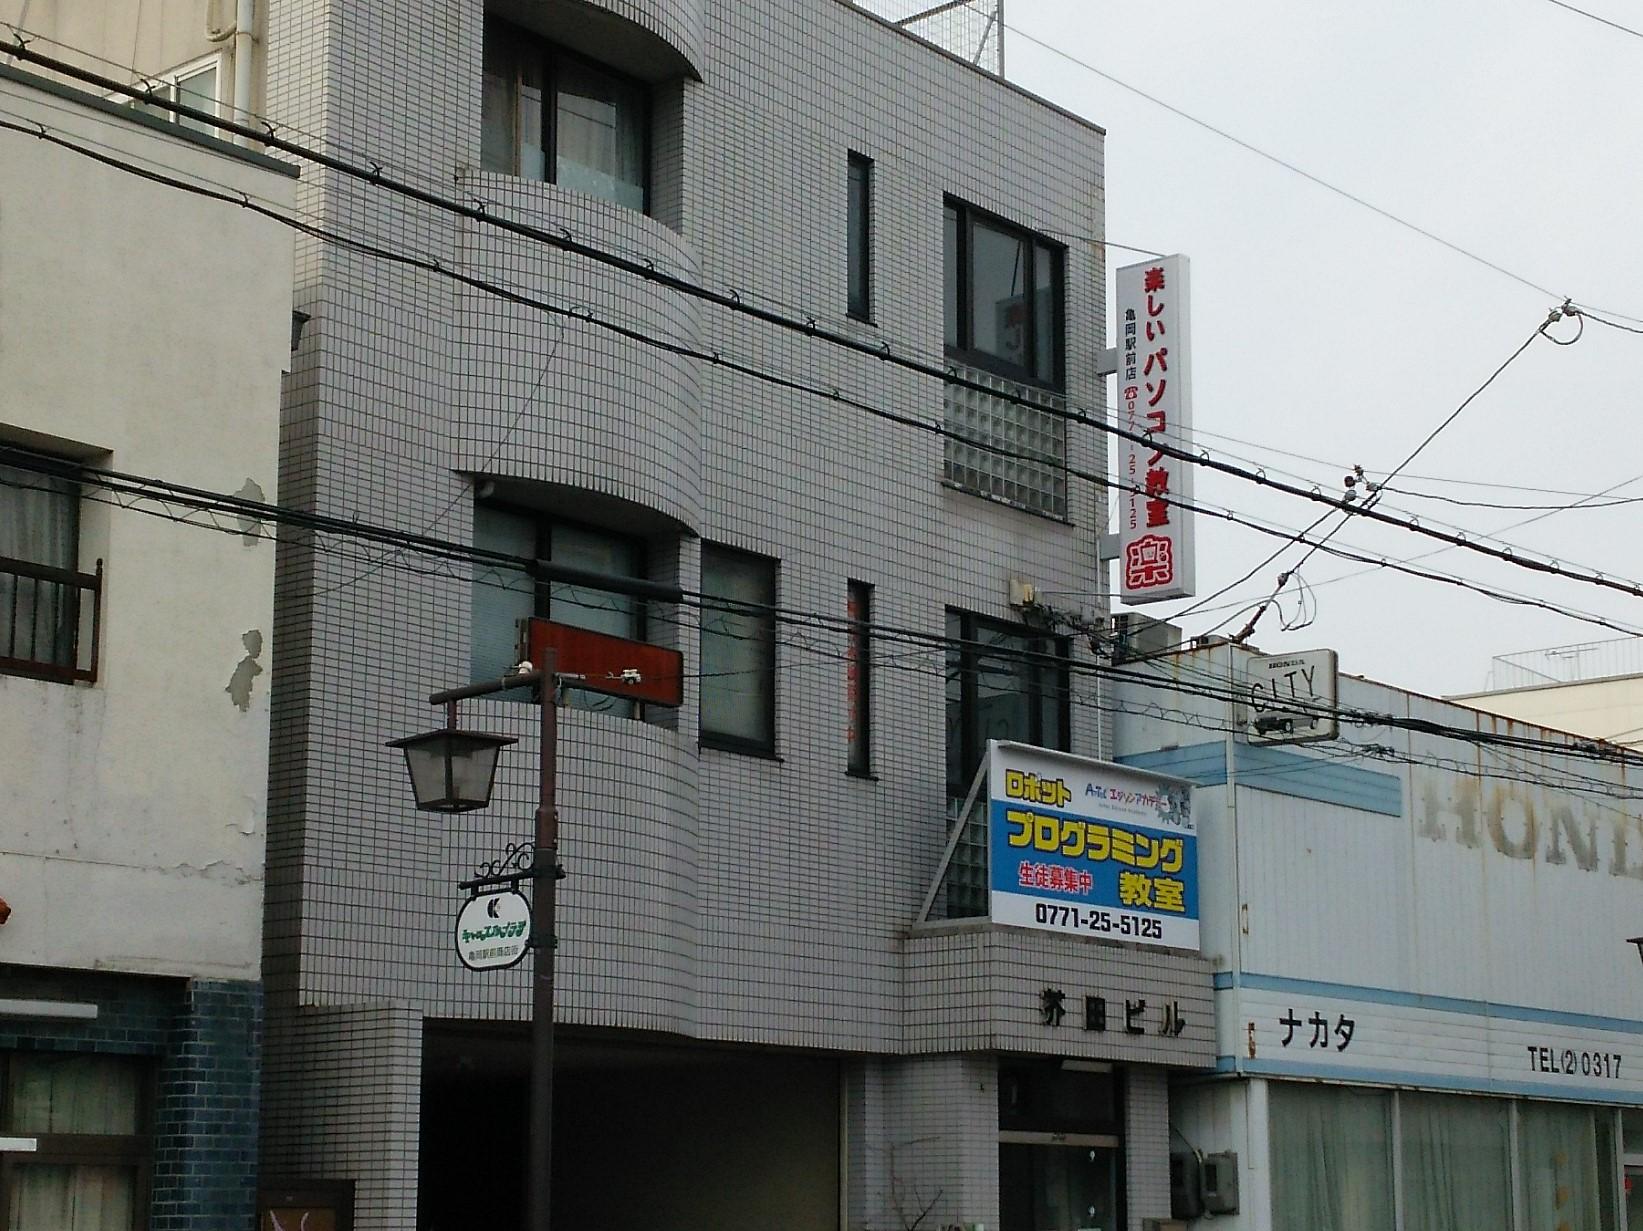 楽しいパソコン教室 亀岡駅前店